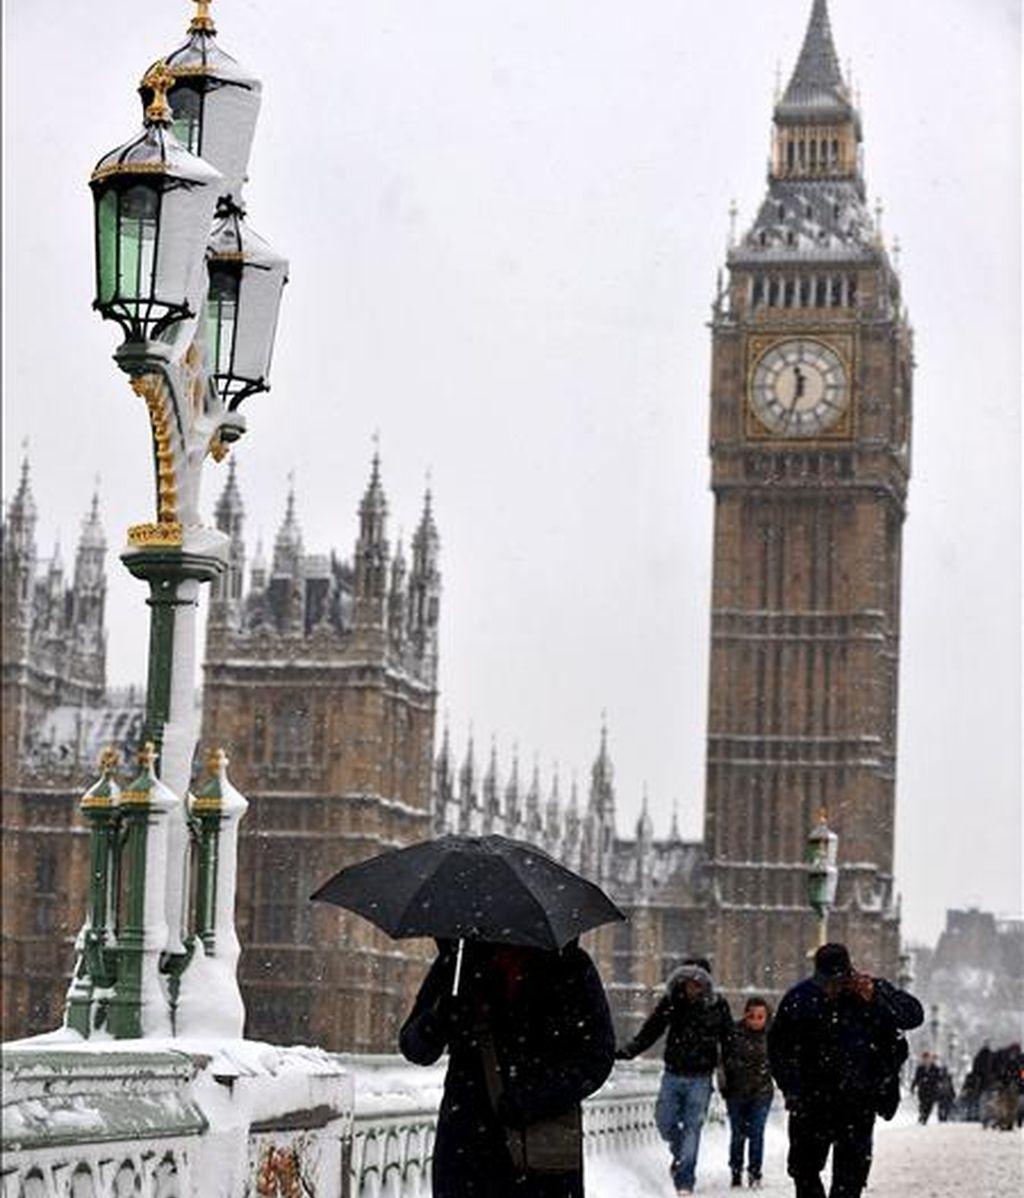 Personas caminan bajo una intensa nevada por el centro de Londres, Reino Unido. EFE